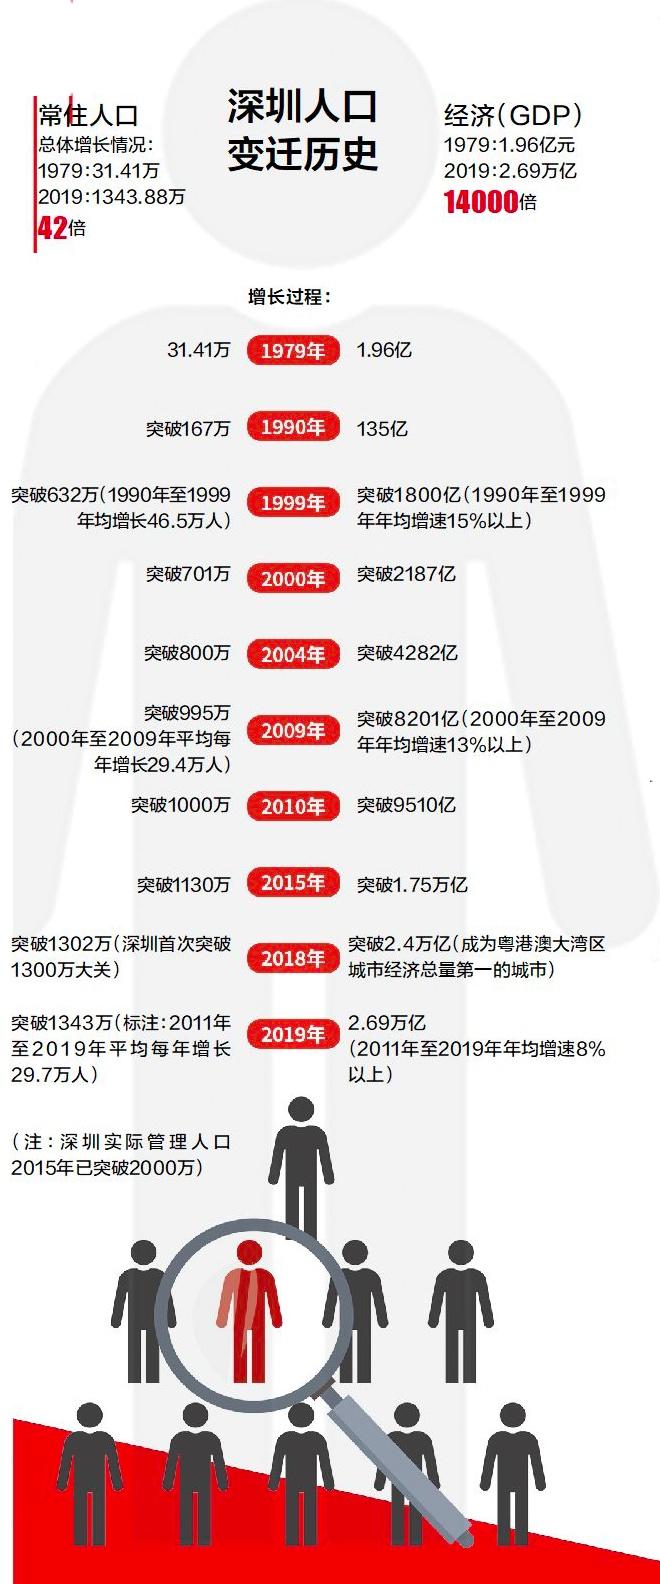 """深圳的gdp_城市资讯 GDP预期增长6.5%,深圳""""小目标""""背后的商业机会和大..."""